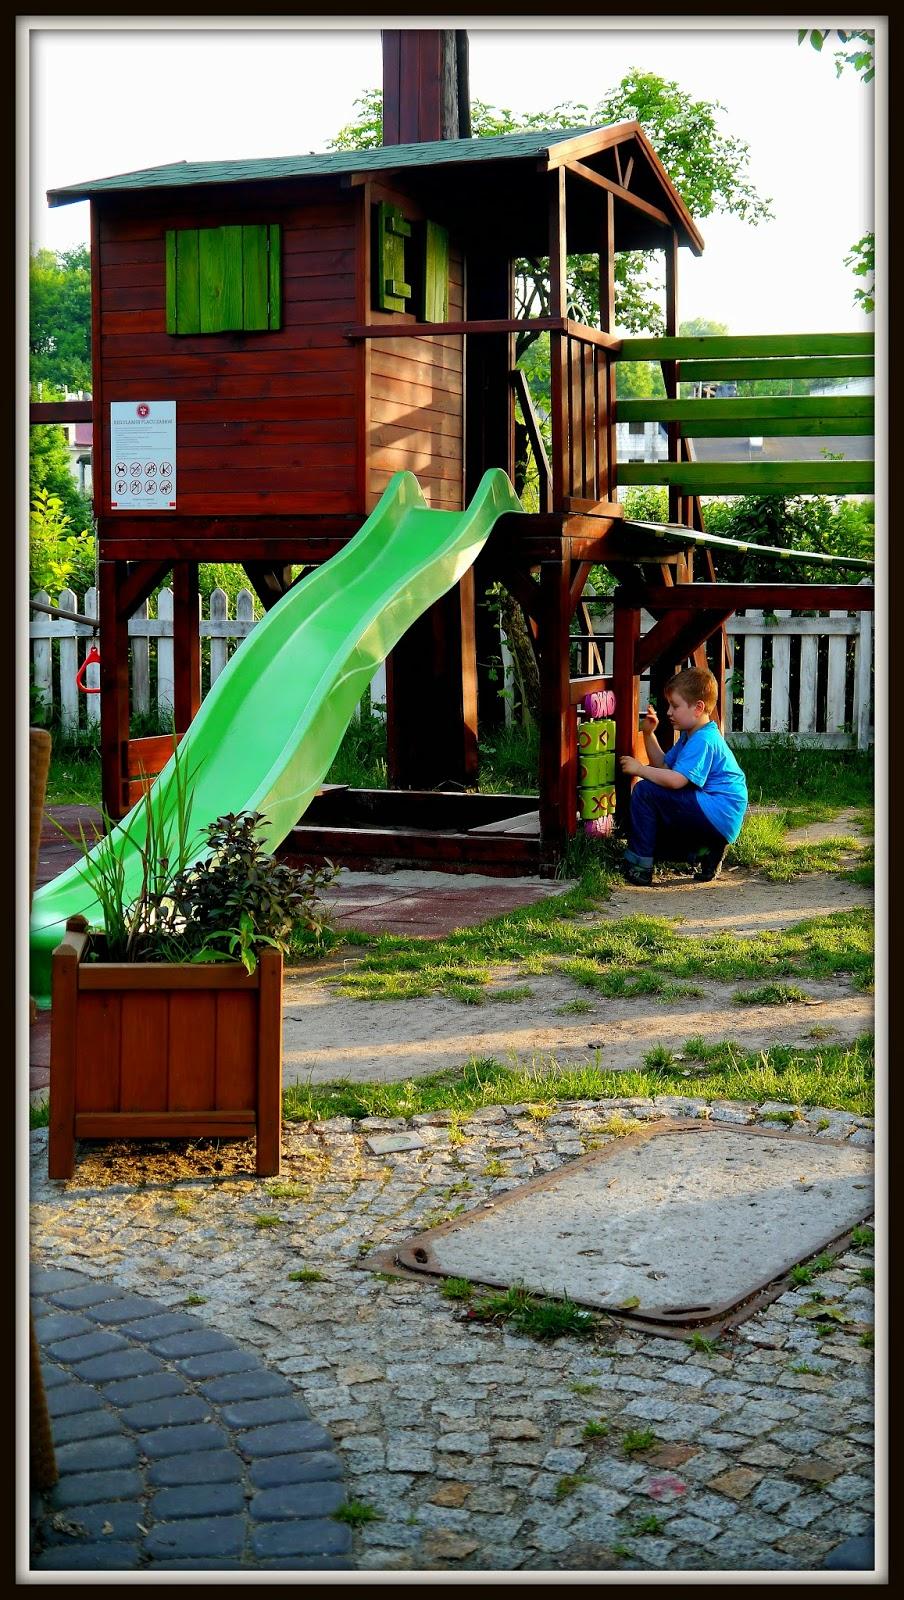 Focha42, miejsce zabaw dla dzieci